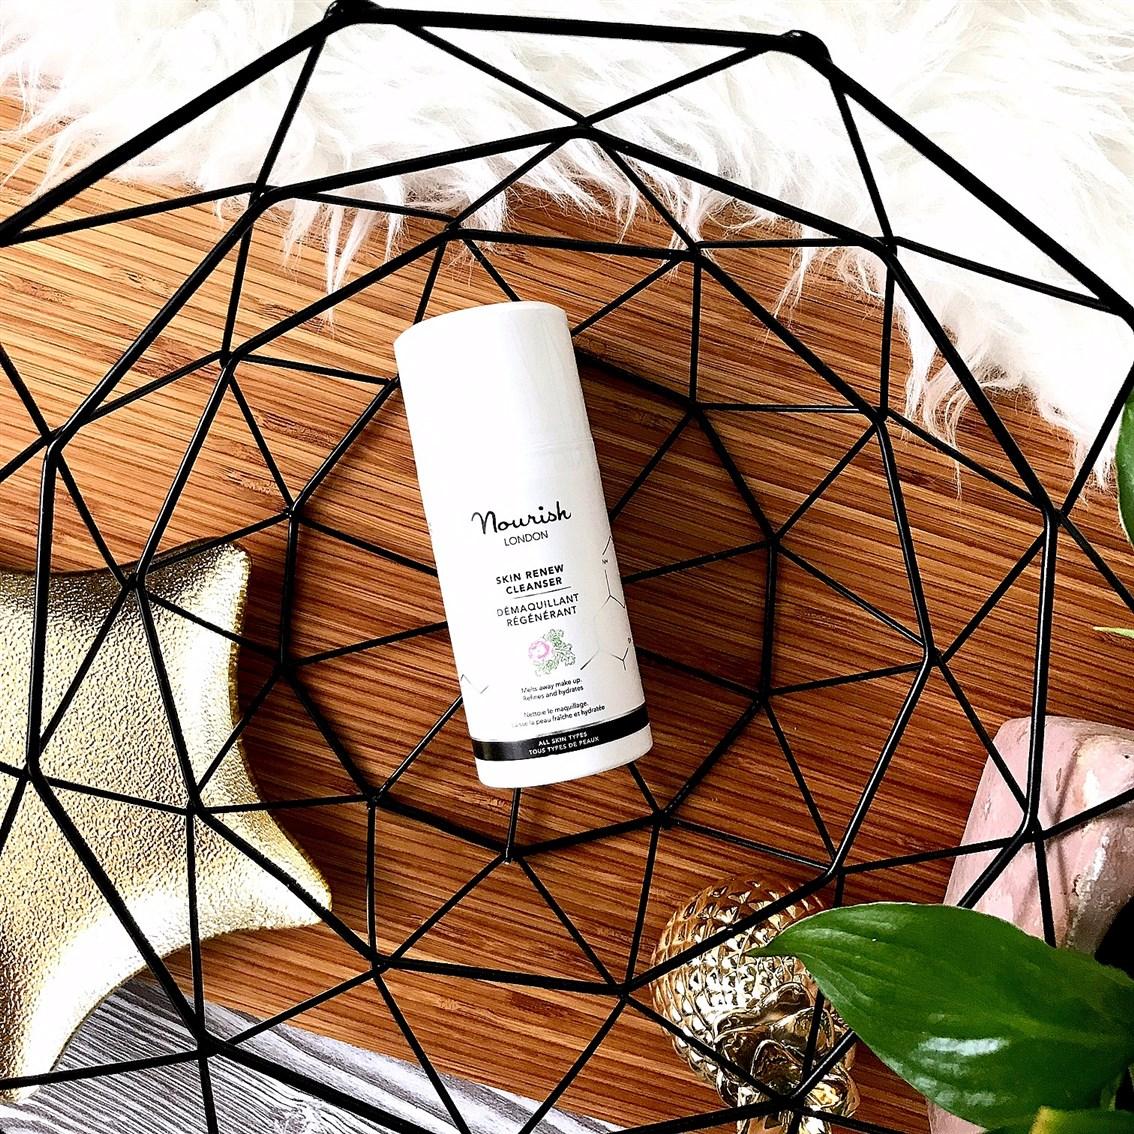 zdjęcie przedstawiające emulsję oczyszczającą Nourish Skin Renew Cleanser